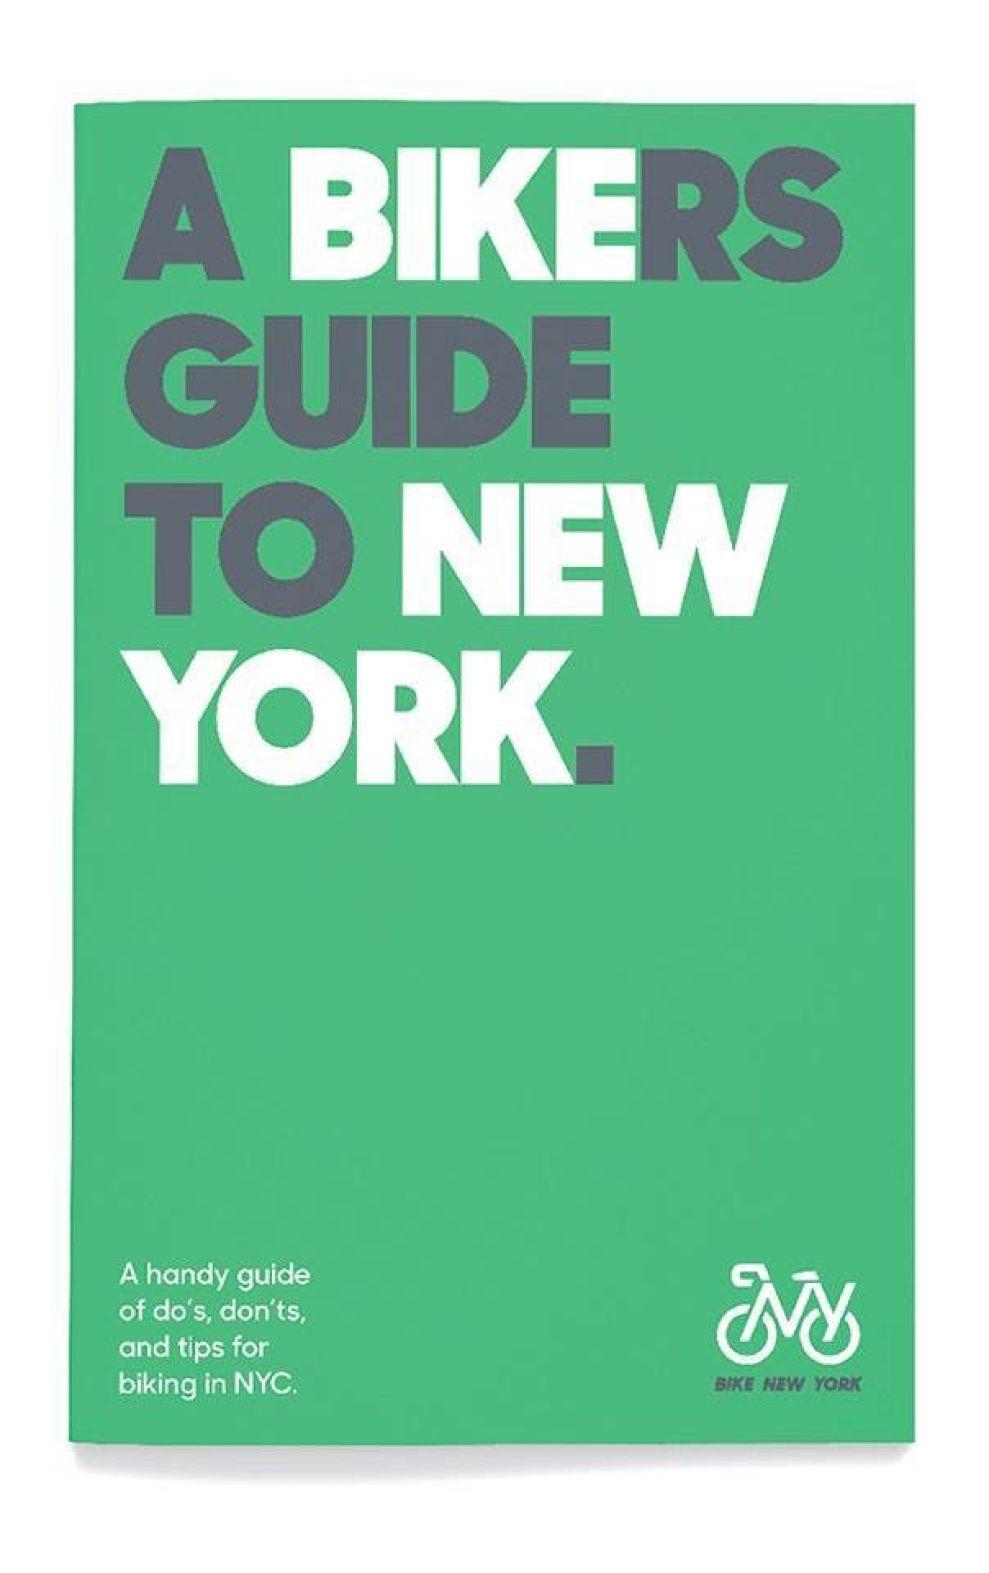 Bike New York's Logo Reflects NYC's Forward-Thinking And Sustainable Mindset (slide 4)